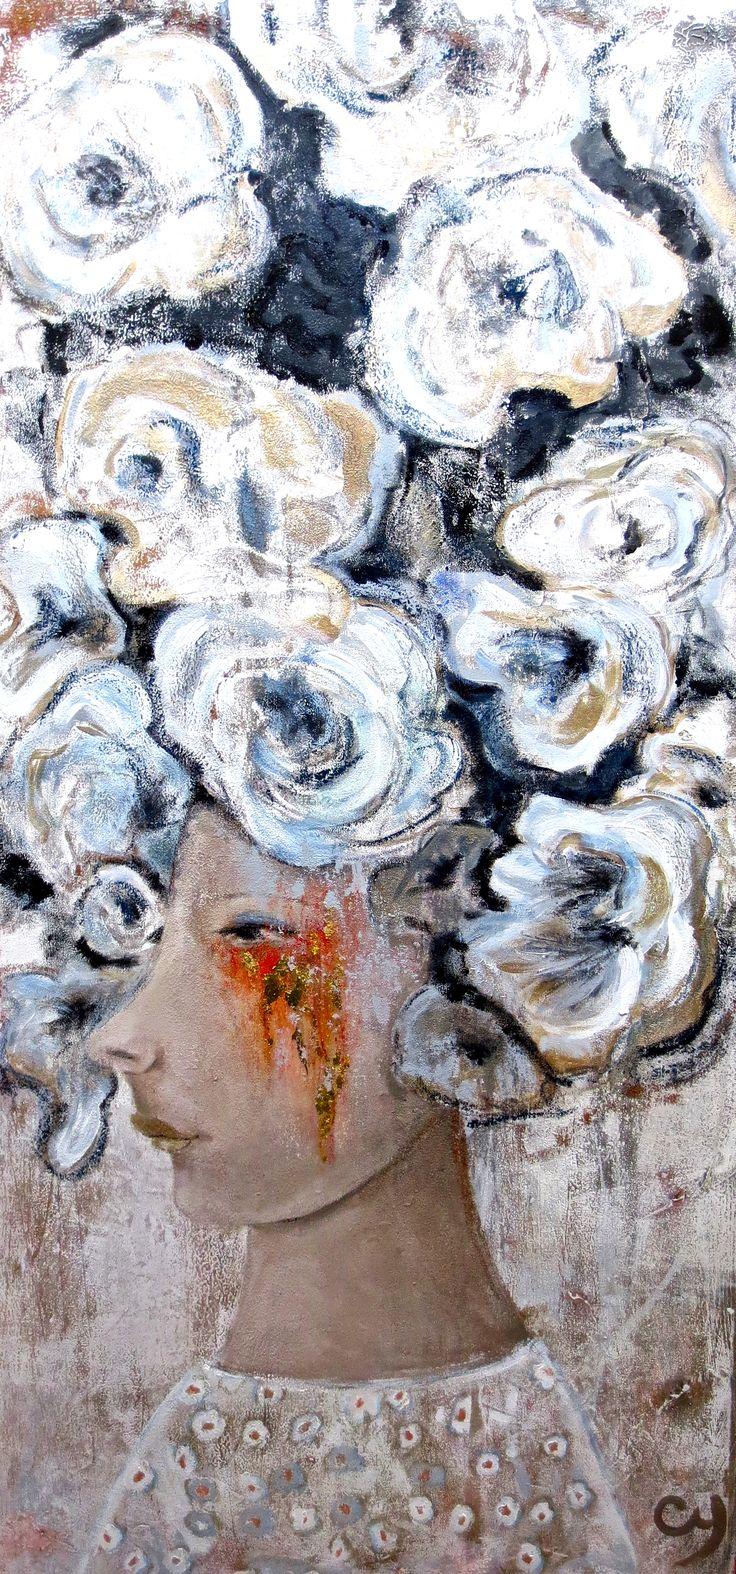 Gwendoline par Christyne Proulx / ©2016/ technique mixte sur toile / 24X48 / figurative, contemporary art, acrylique, art painting, Street Art (Urban Art), Canvas, Women, flowers, Portraits, femme, fleur, street art, patchwork, peinture, contemporain, abstrait, tableau street art,expressionnisme